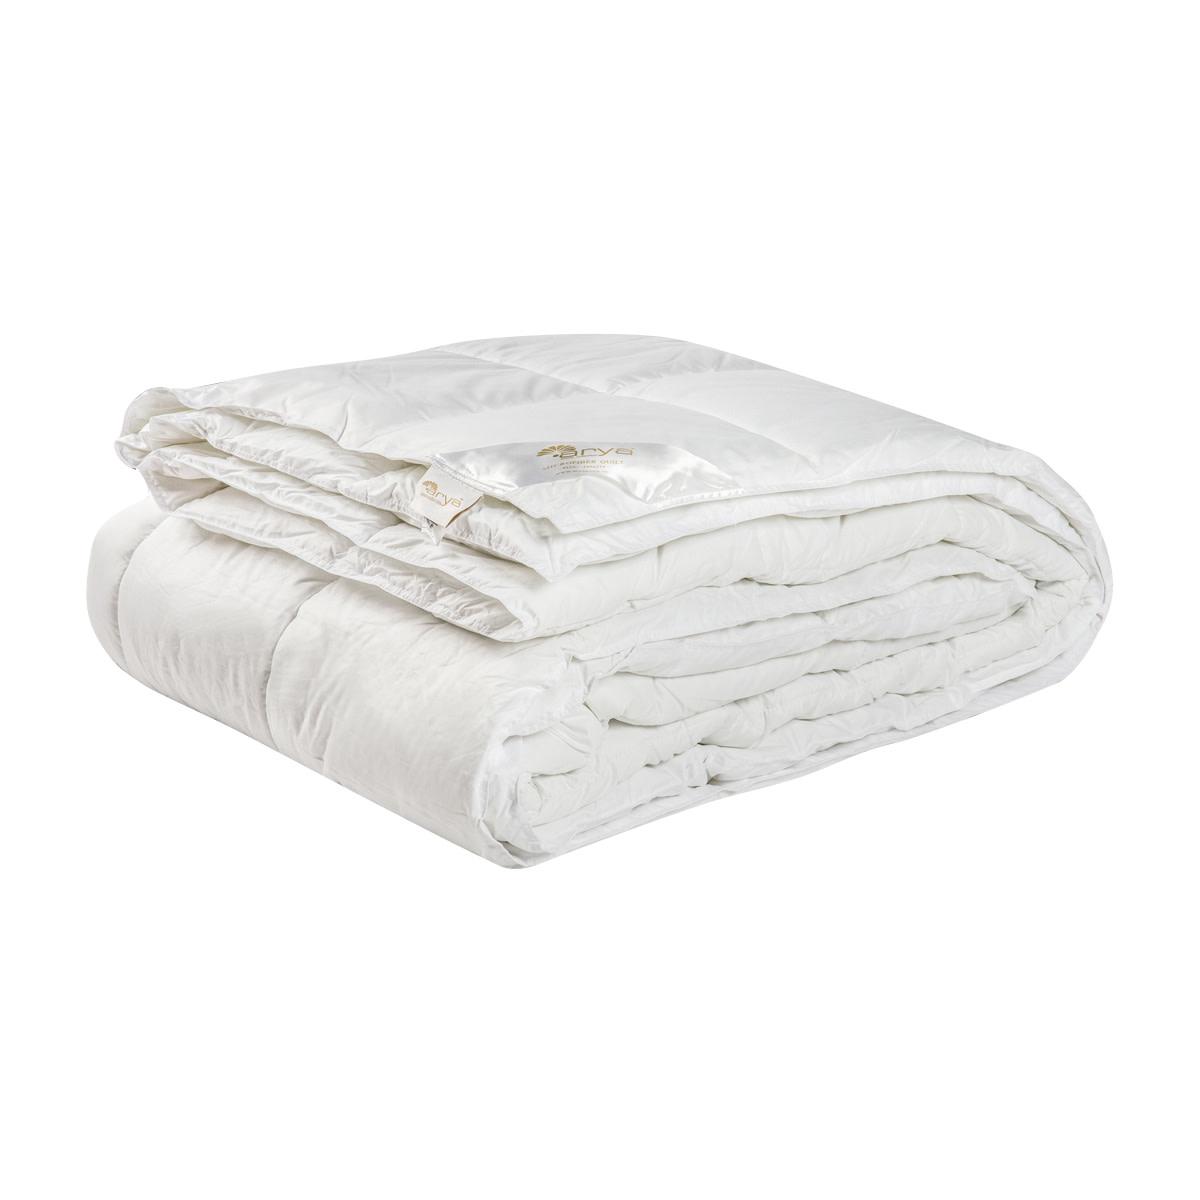 Одеяло Arya home collection  215х195 см силиконизированное волокно